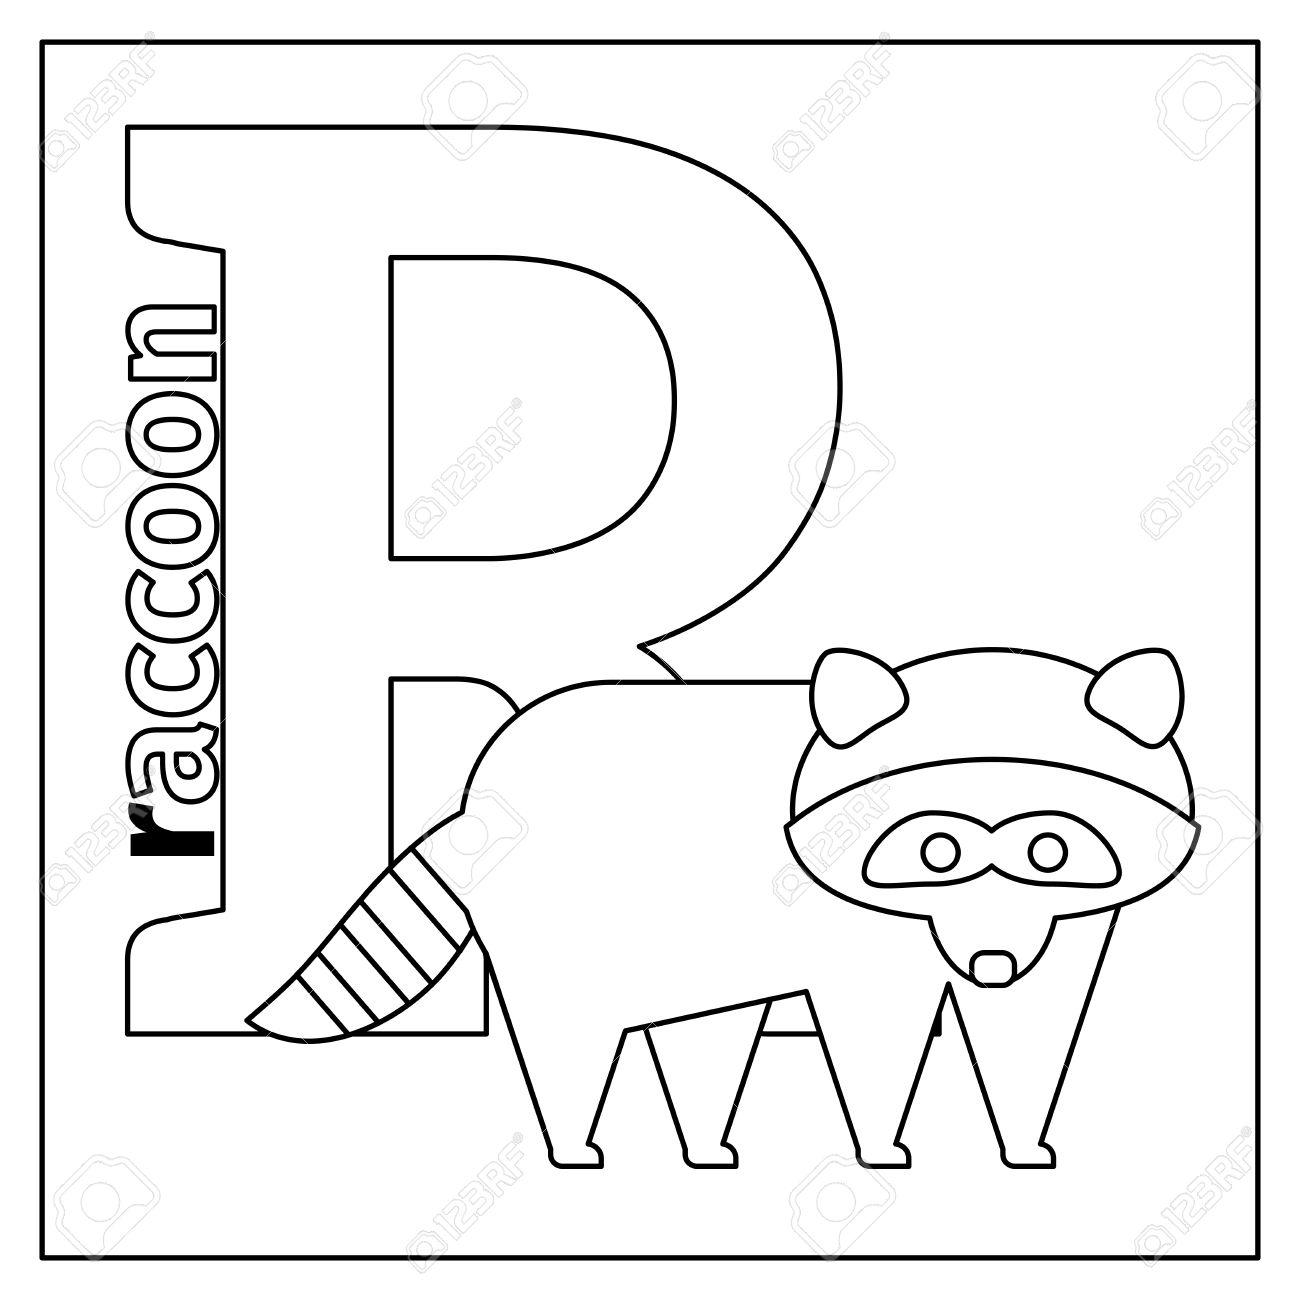 Dibujo Para Colorear O Tarjeta Para Los Niños Con Alfabeto Inglés Animales Del Zoo Mapache Ilustración Vectorial Letra R